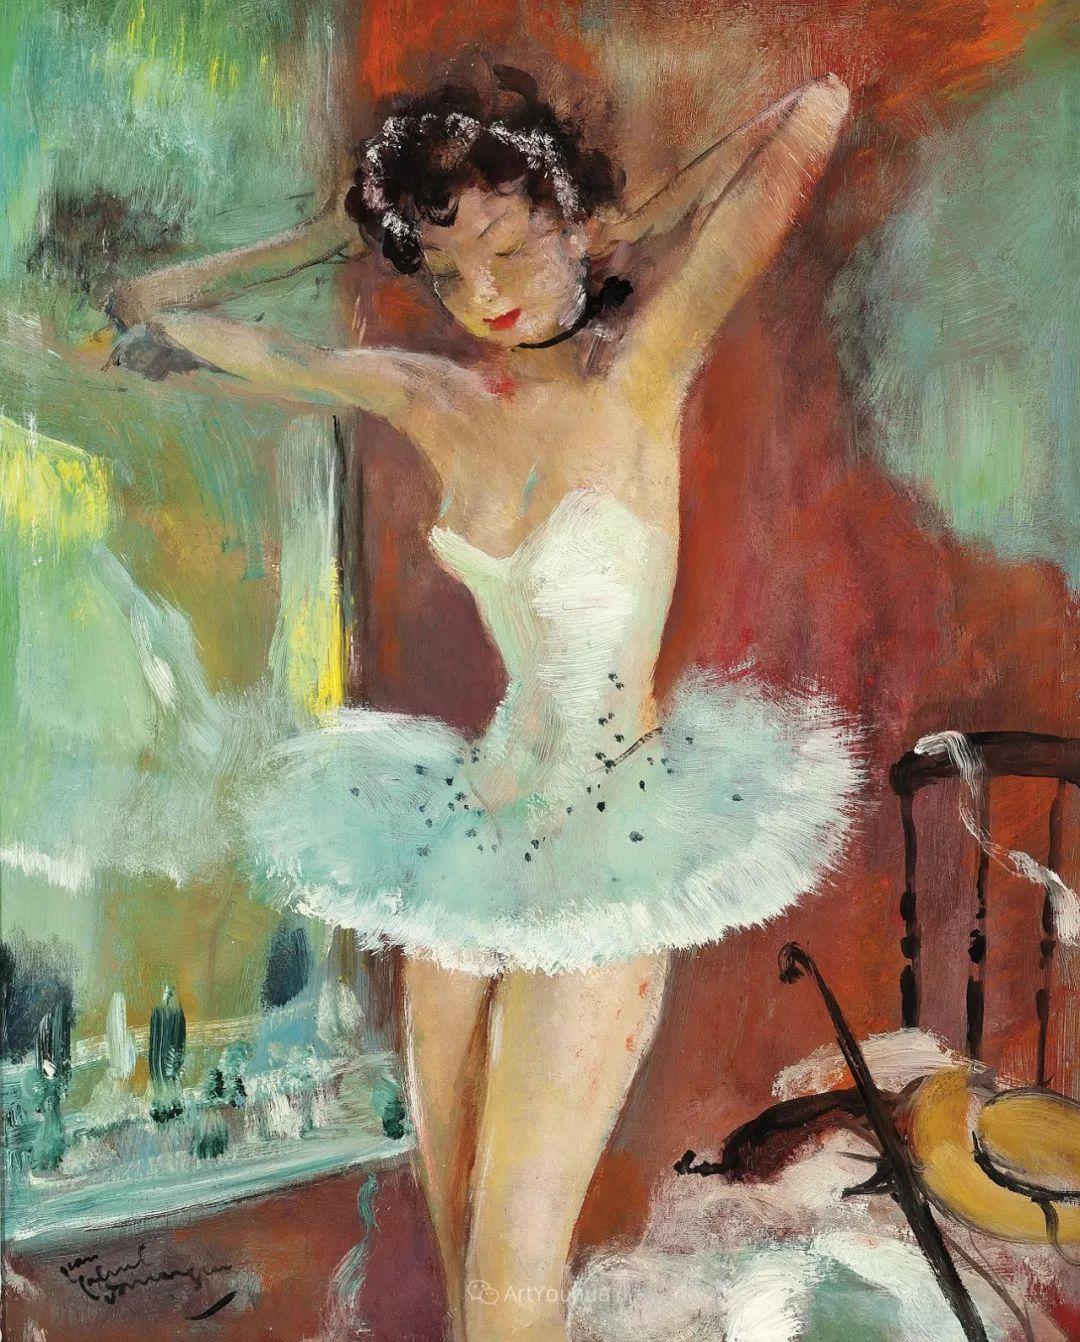 他画中的美女:典雅美丽天鹅颈,脸上带着调情趣味插图46